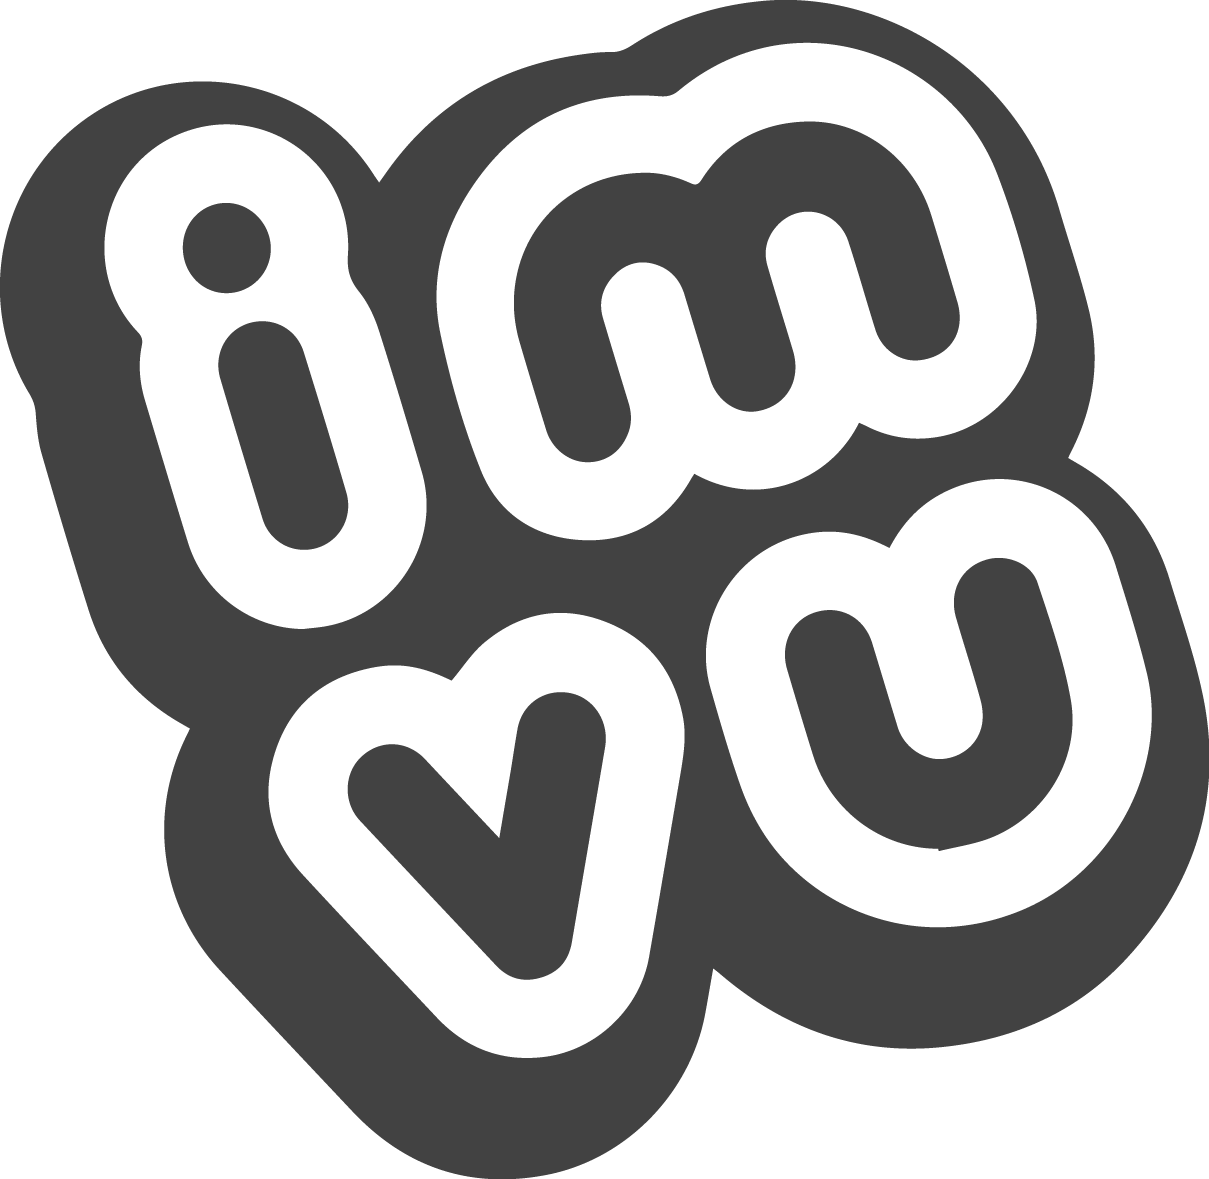 IMVU Logo png